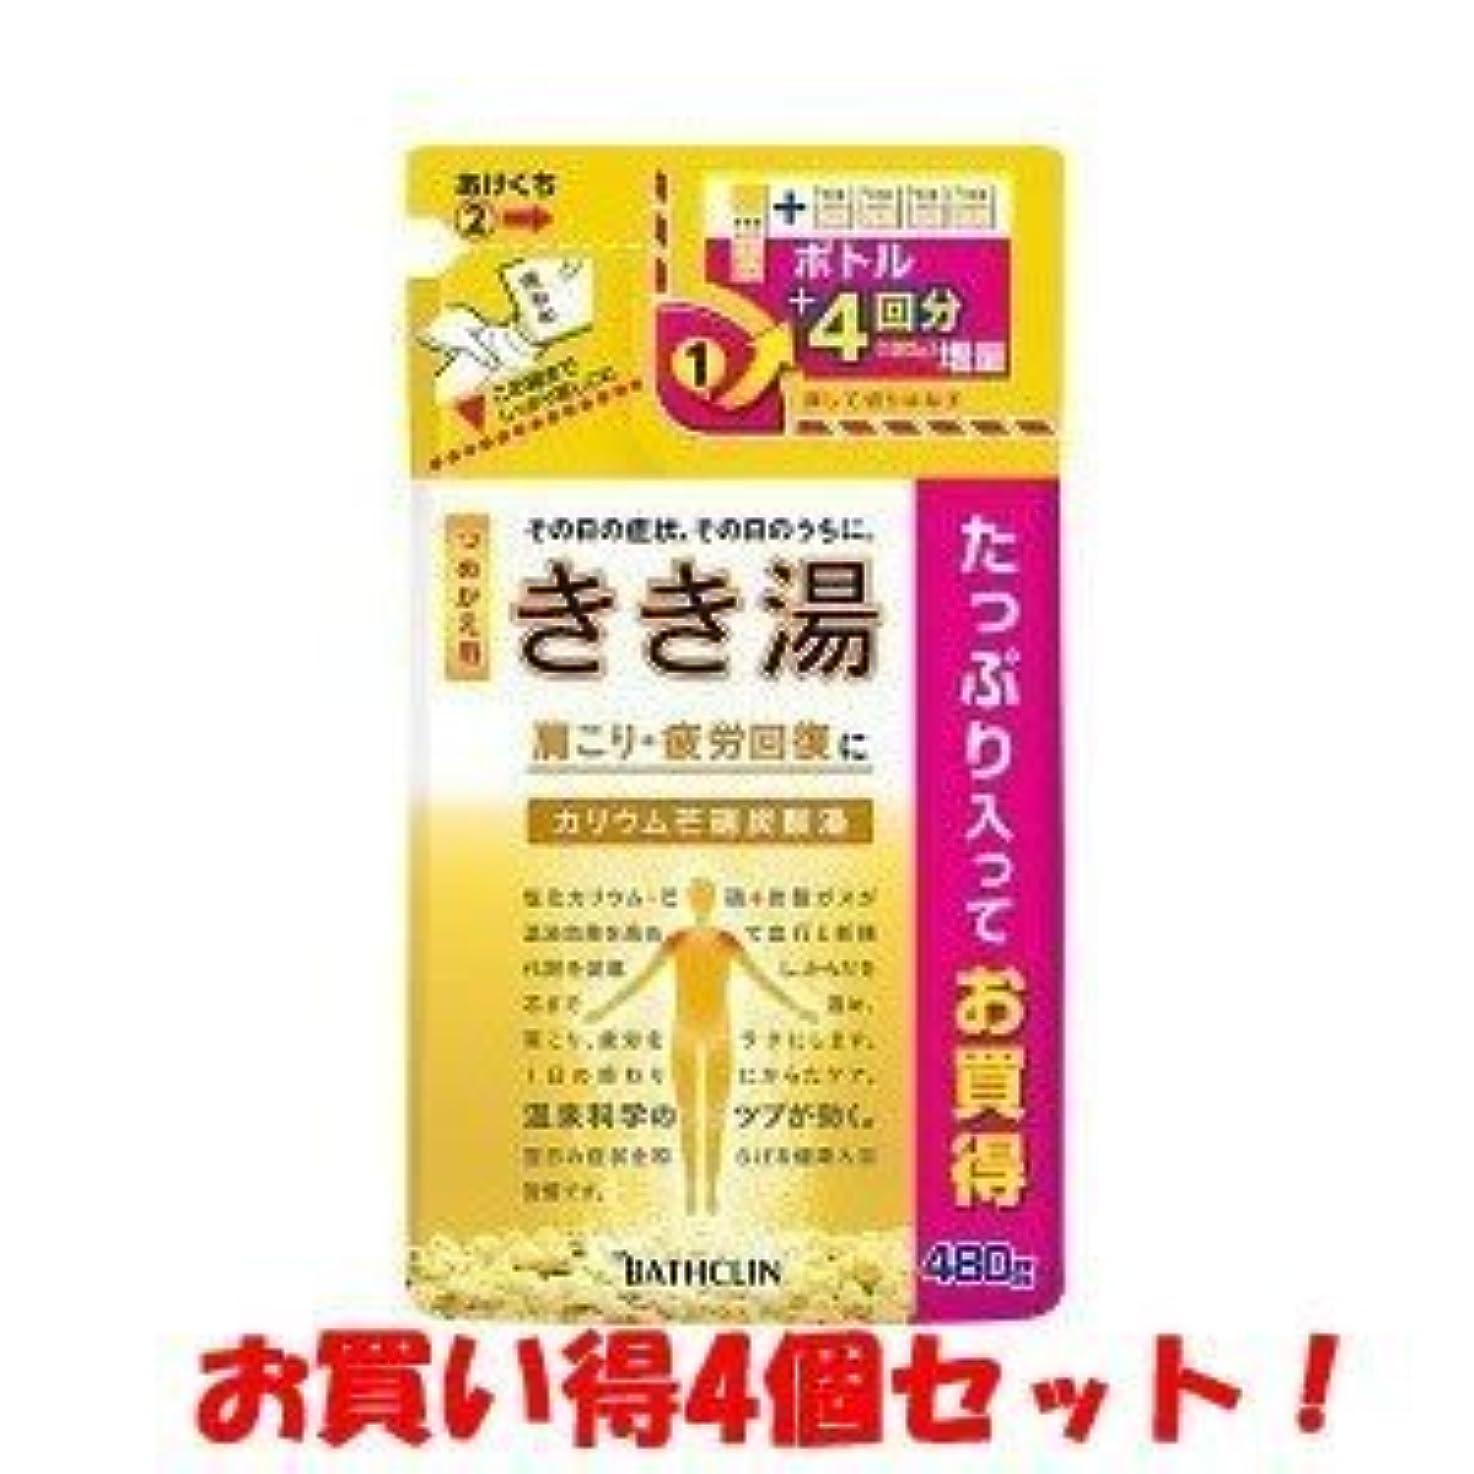 ジョイント野菜奴隷(バスクリン)きき湯 カリウム芒硝炭酸湯 つめかえ用 480g(医薬部外品)(お買い得4個セット)